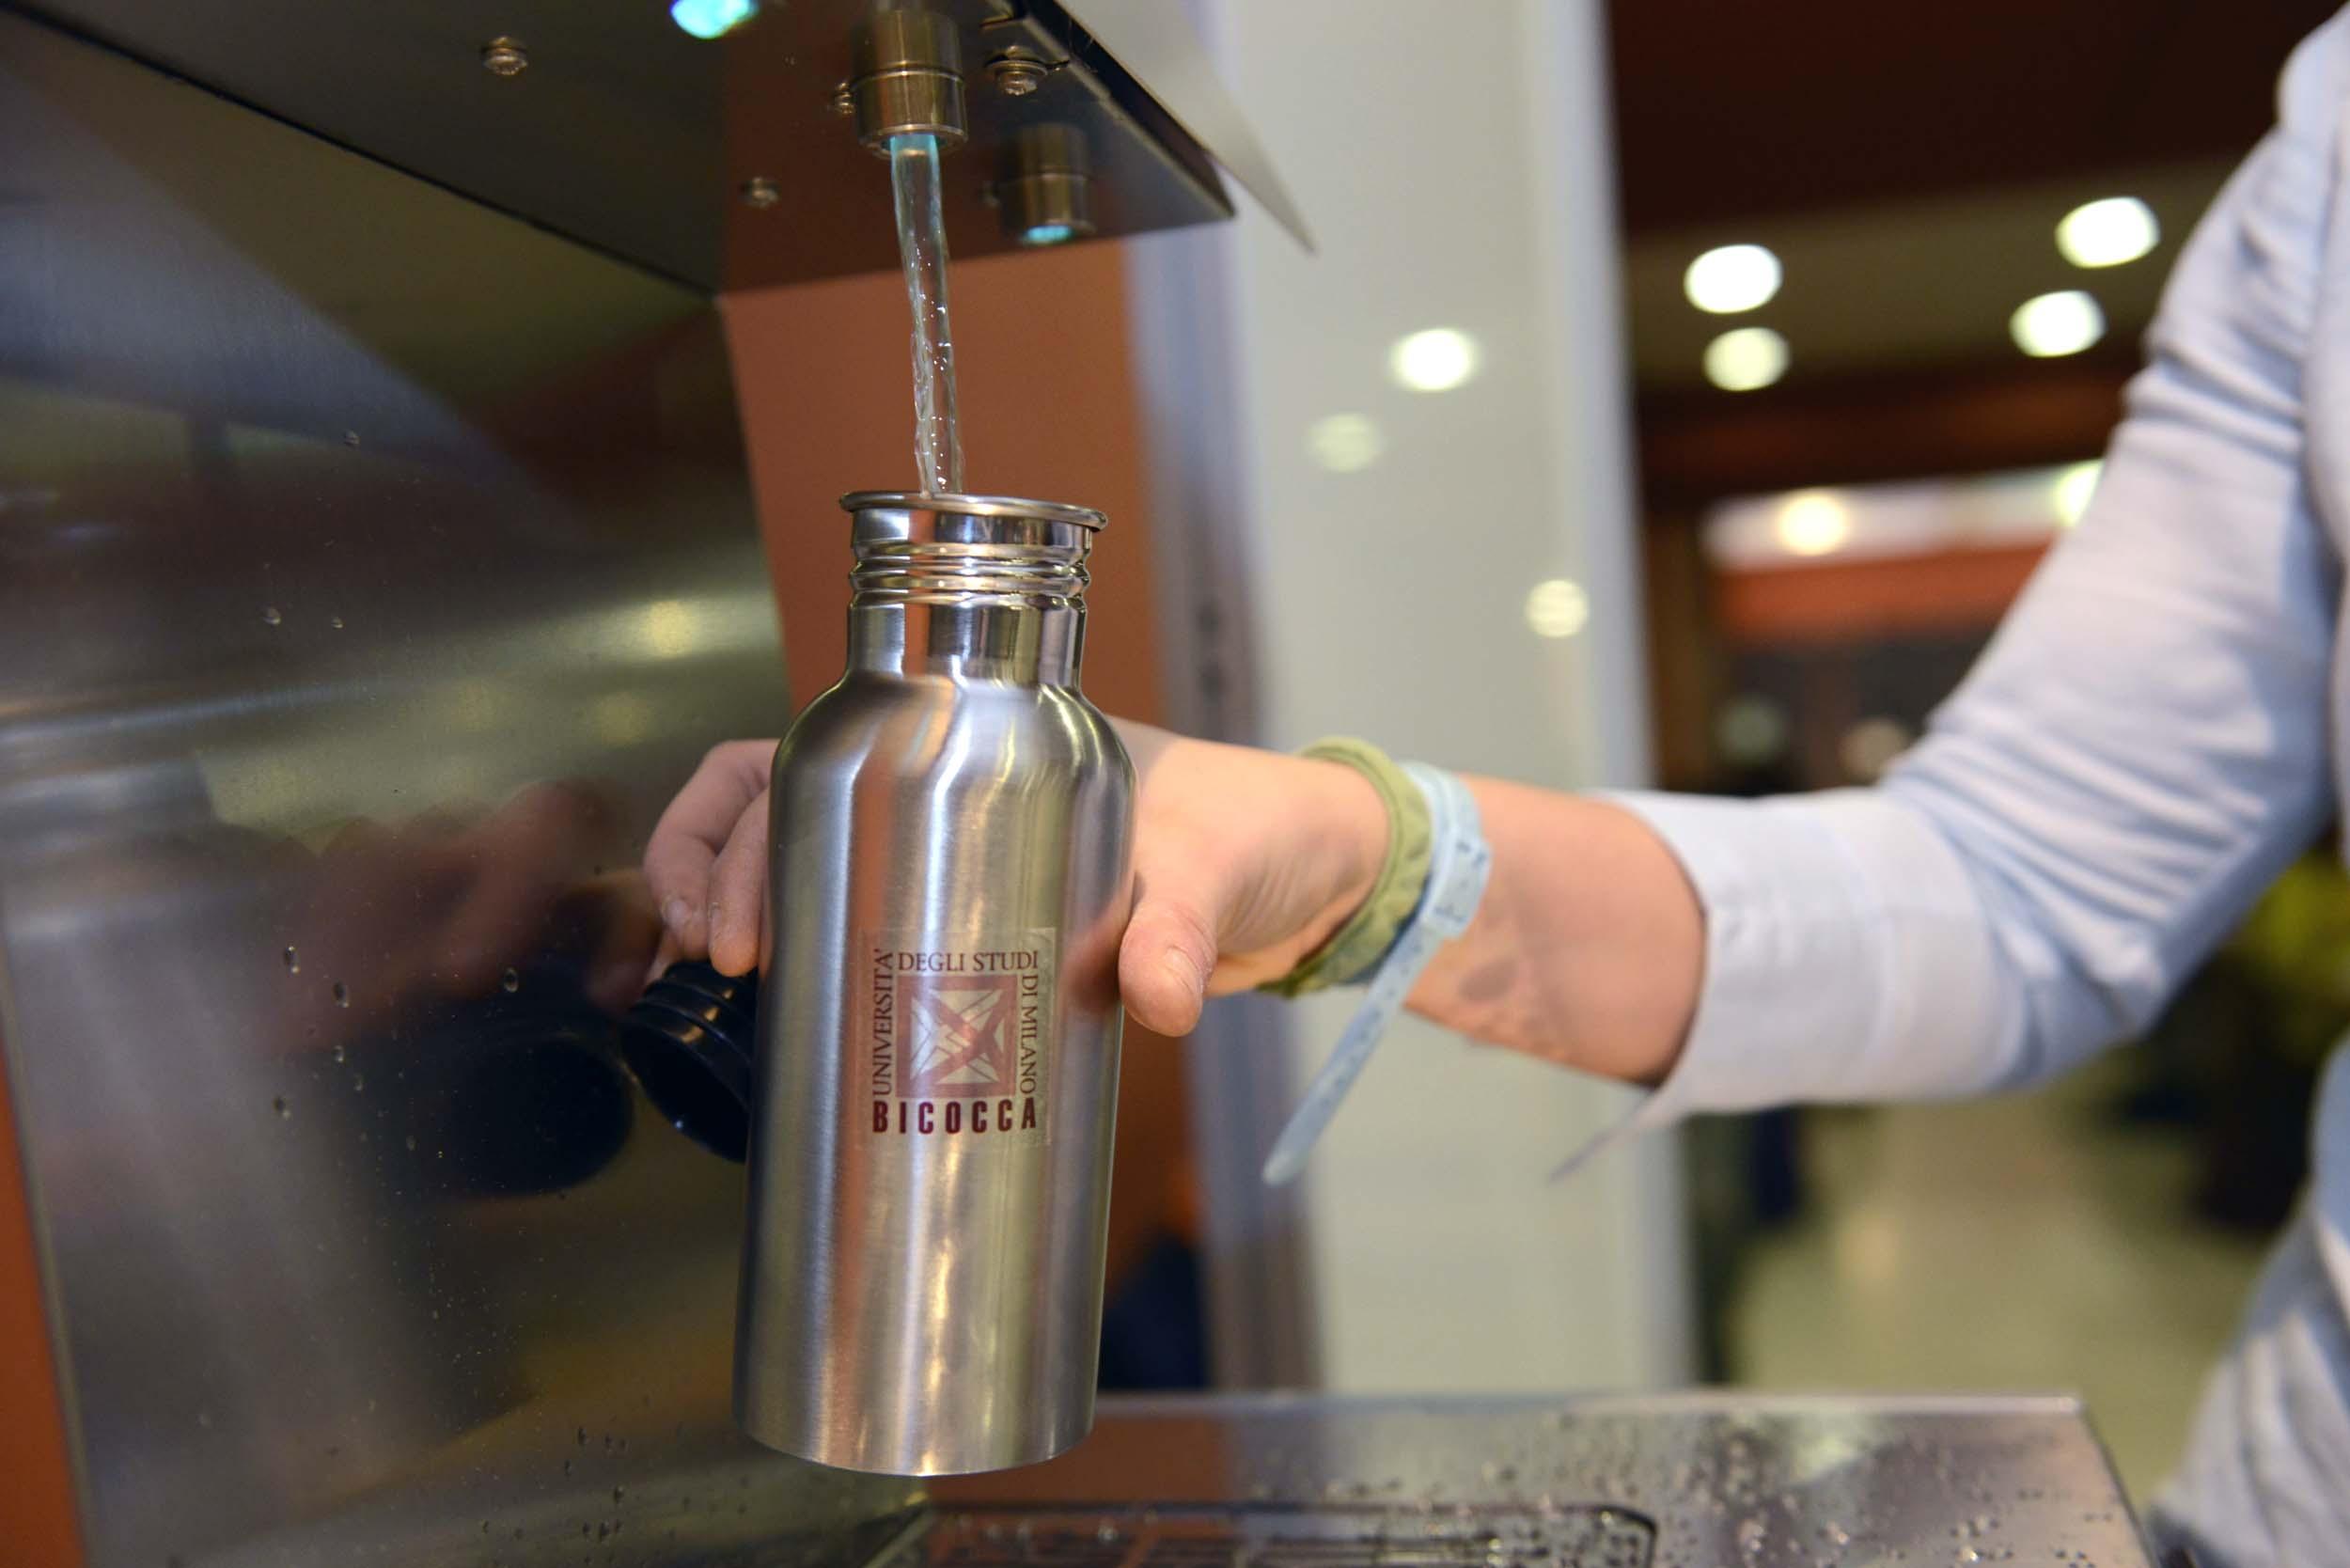 Borracce riutilizzabili regalate agli studenti: la Bicocca elimina la plastica